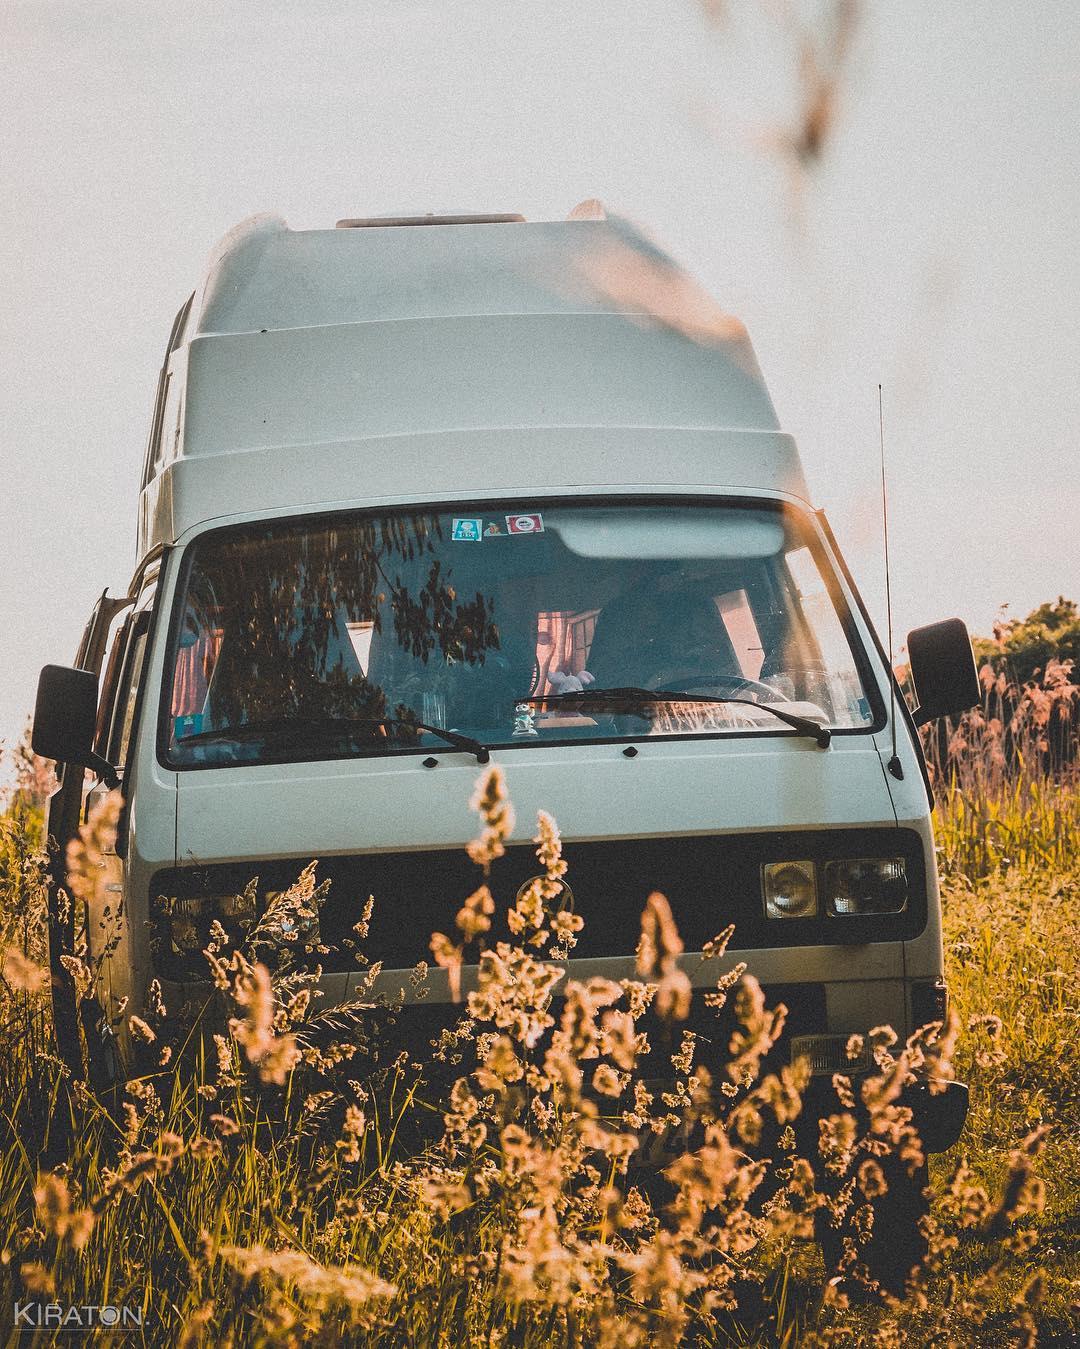 Abenteuer. Das Abenteuer beginnt direkt vor der eigenen Haustür. | The adventure behind directly on your doorstep. Darum muss man manchmal gar nicht in die Ferne streifen, um etwas zu erleben. Denn es gibt so viel tolles in der eigenen Stadt und dem Umland zu erleben. Und wenn wir mit Hilde, unserem zum Camper ausgebauten VW-Bus, herum reisen, beginnt das Abenteuer quasi schon in bzw. durch Hilde.